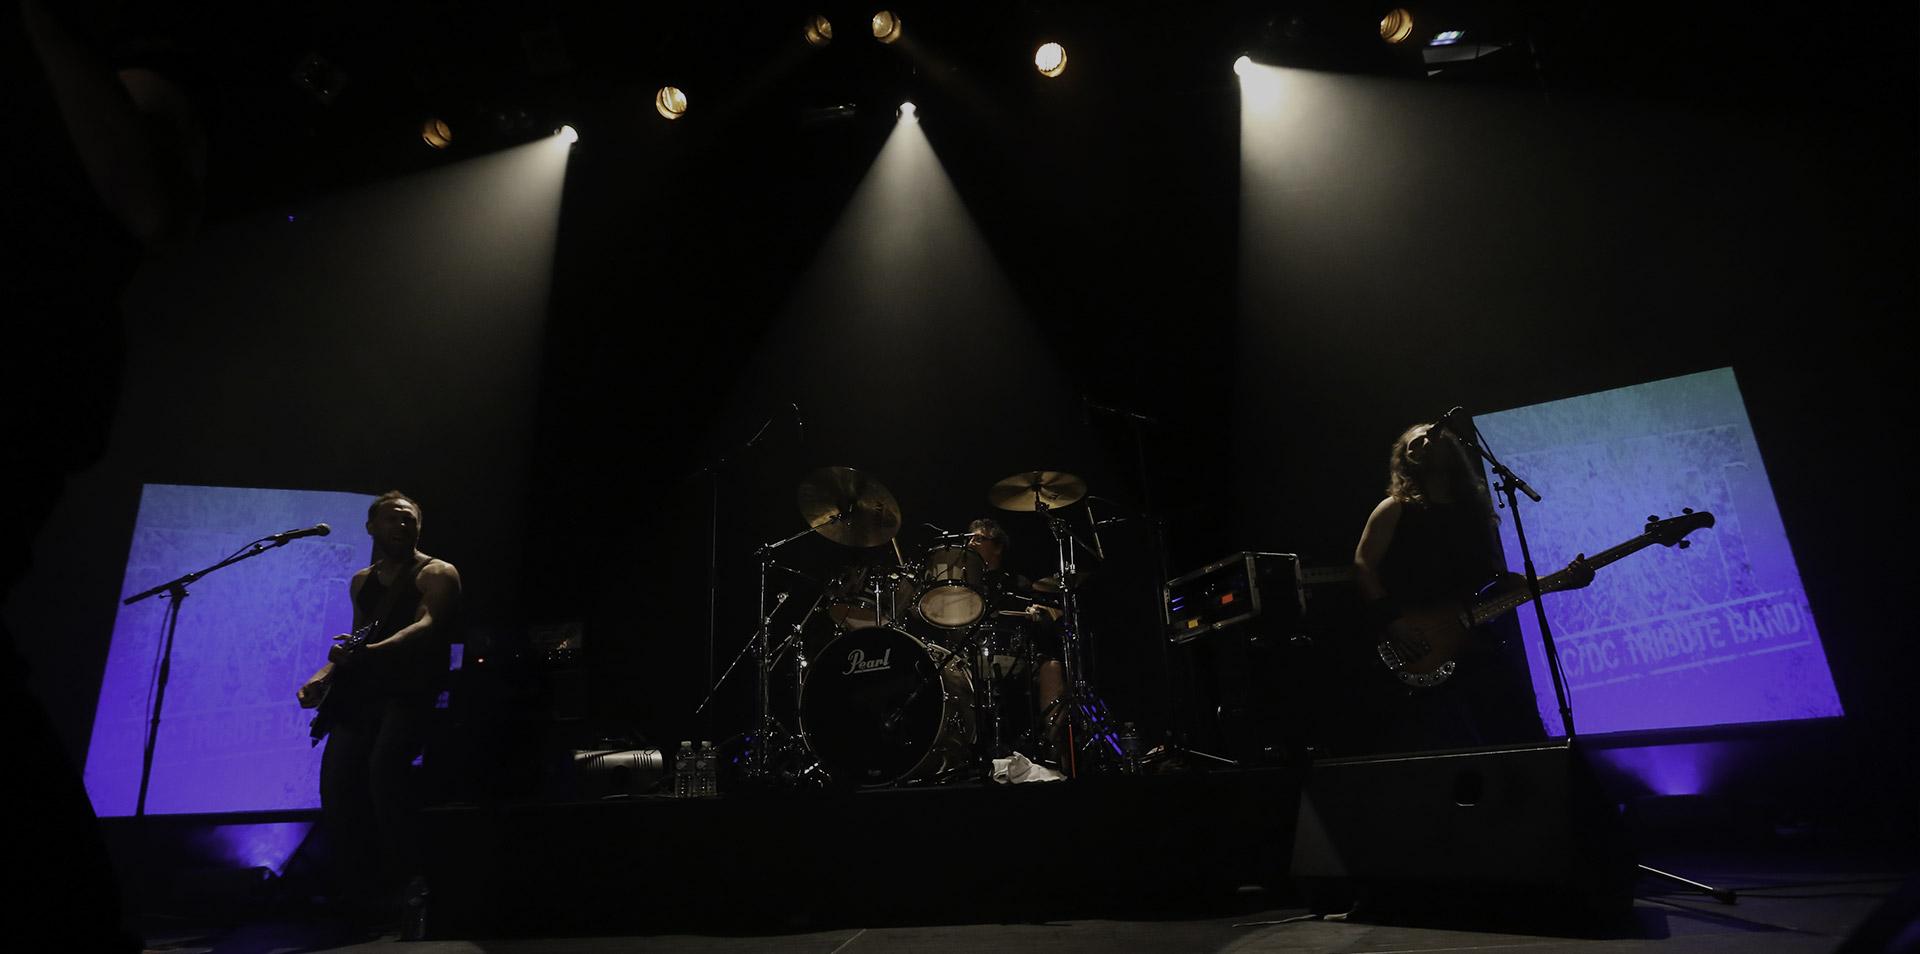 La tournée Legends of Rock a commencé !